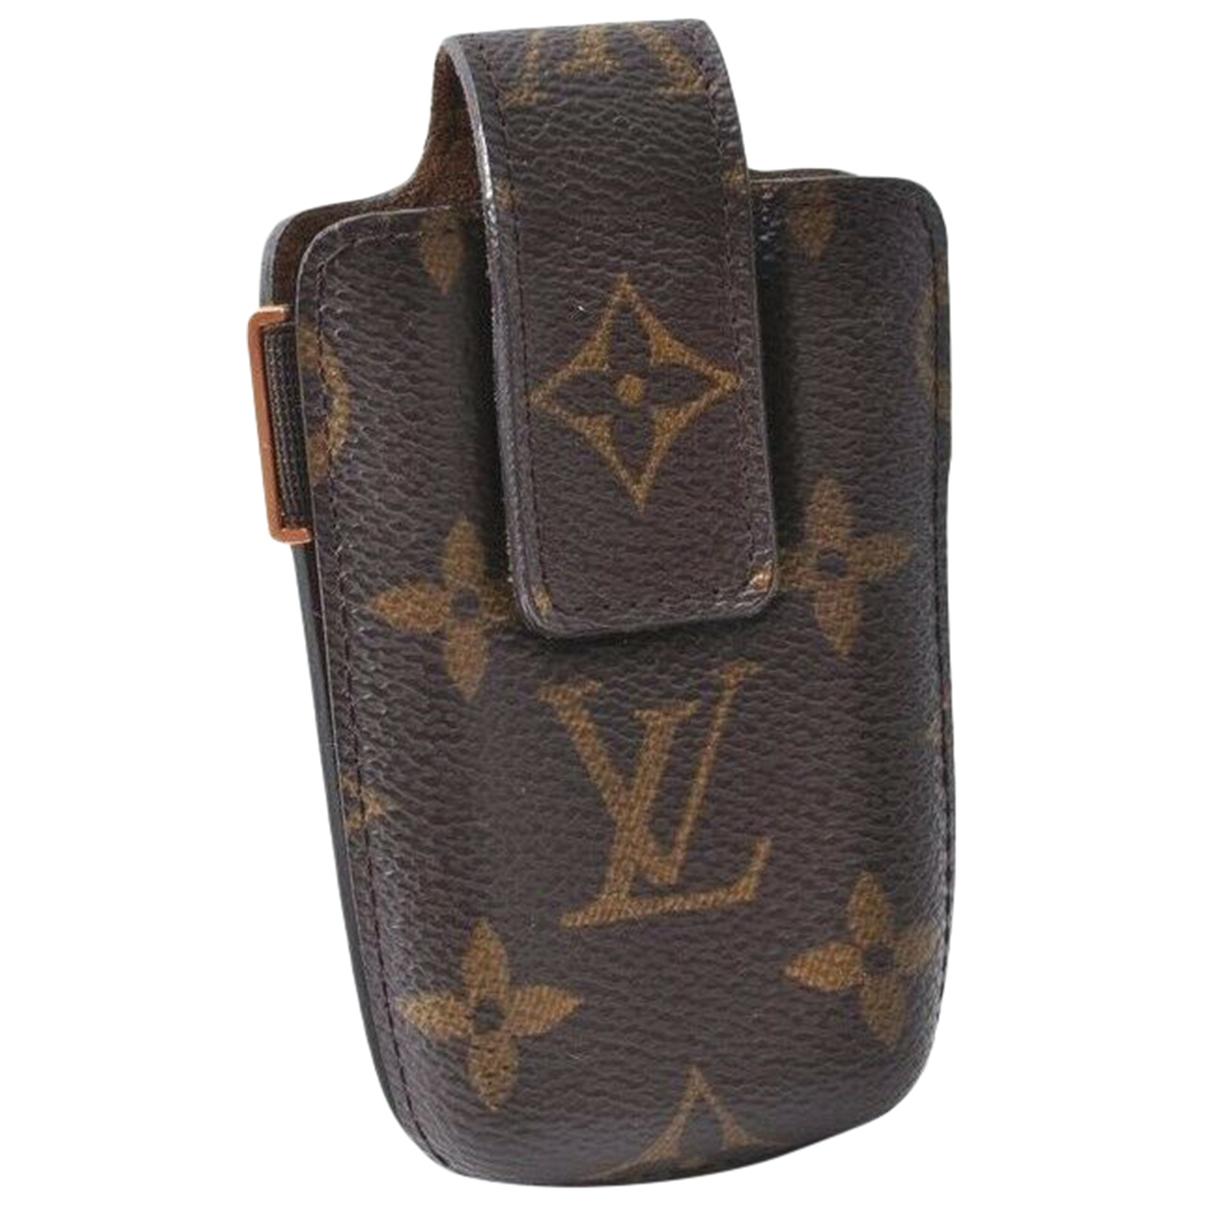 Louis Vuitton - Bijoux de portable   pour femme en toile - marron